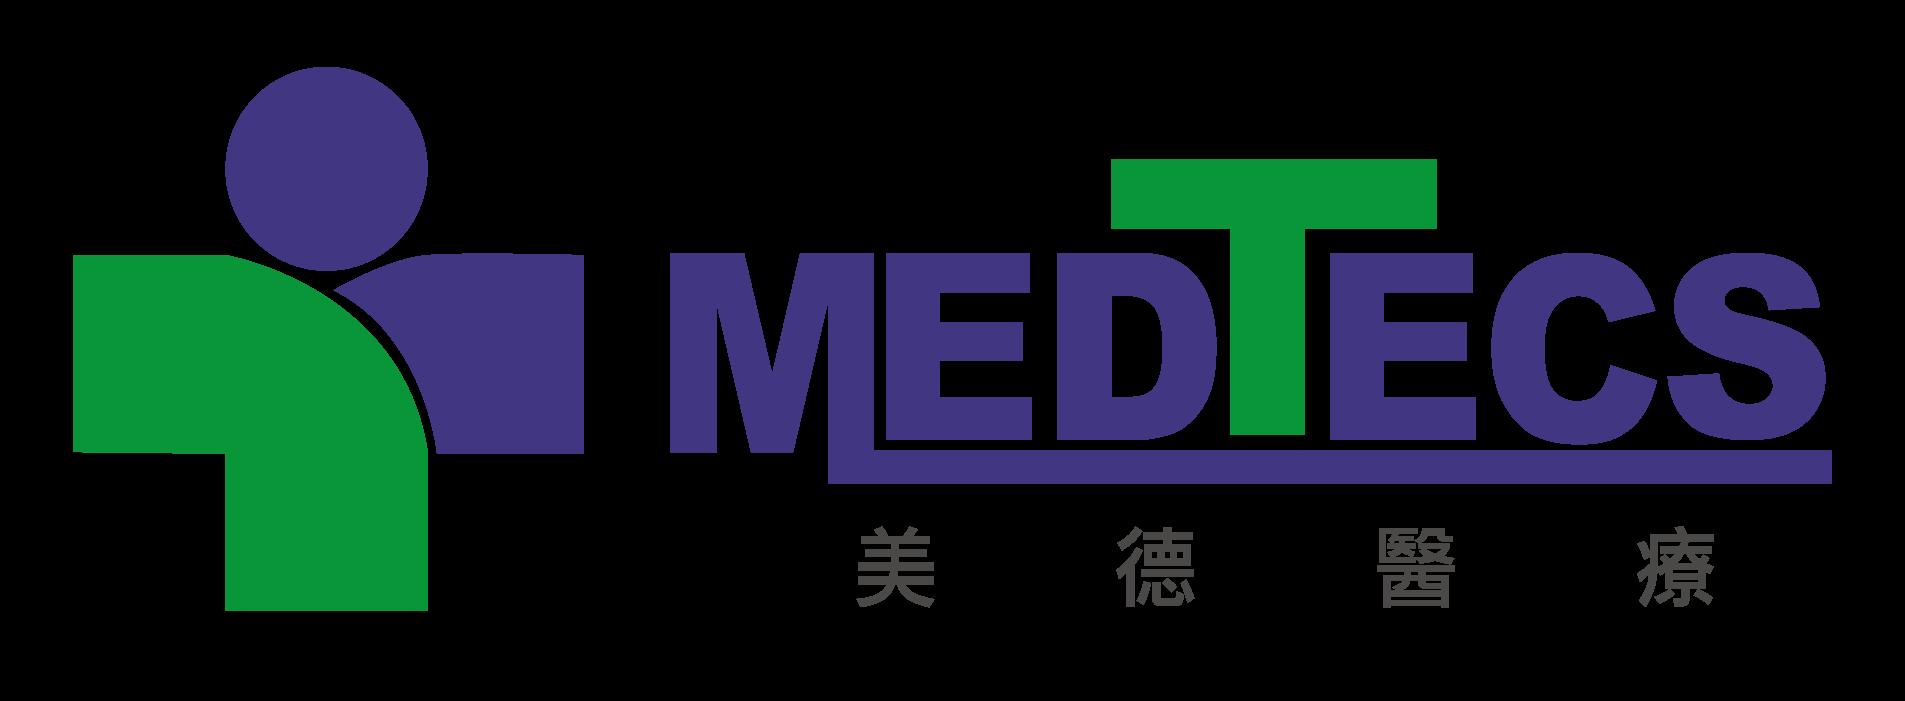 美德醫療集團-個人防護裝備領導廠商